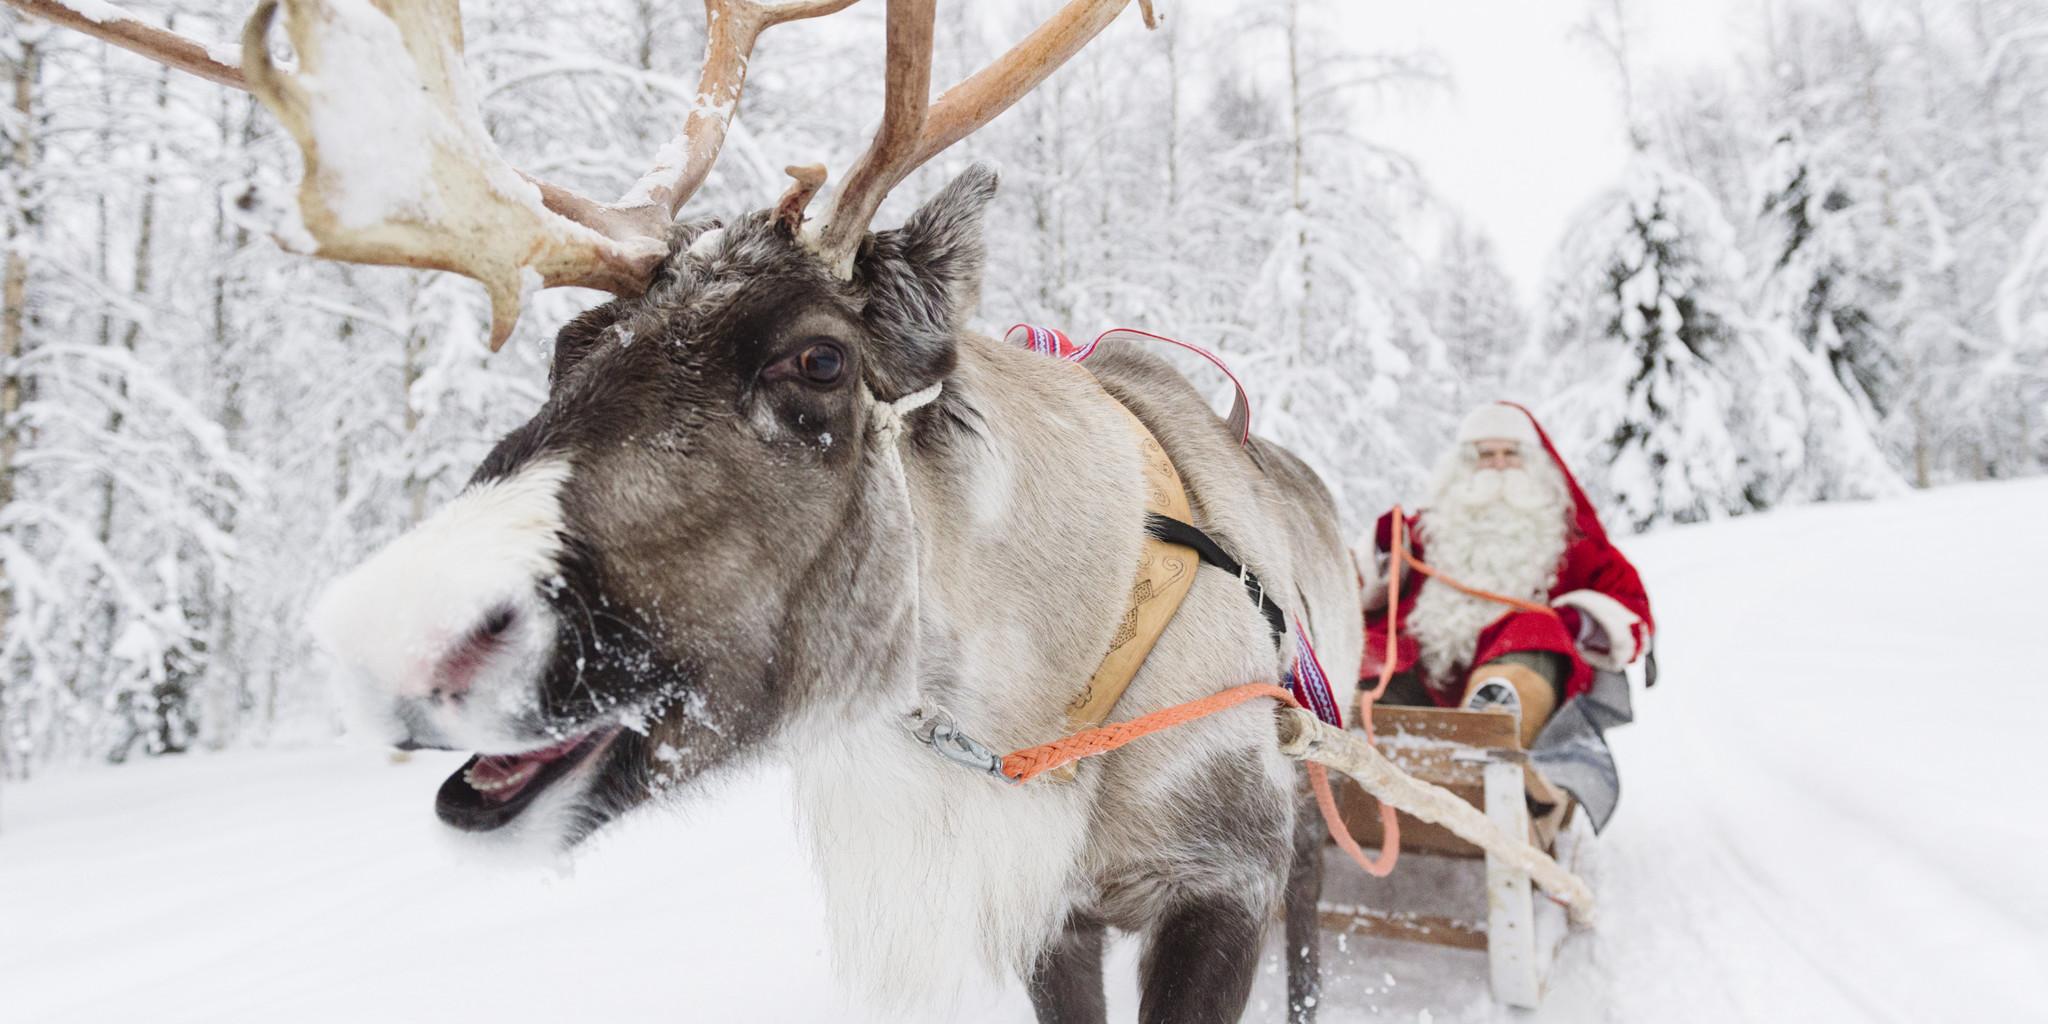 Santa Claus on a reindeer sleigh ride in Rovaniemi, Lapland, Finland